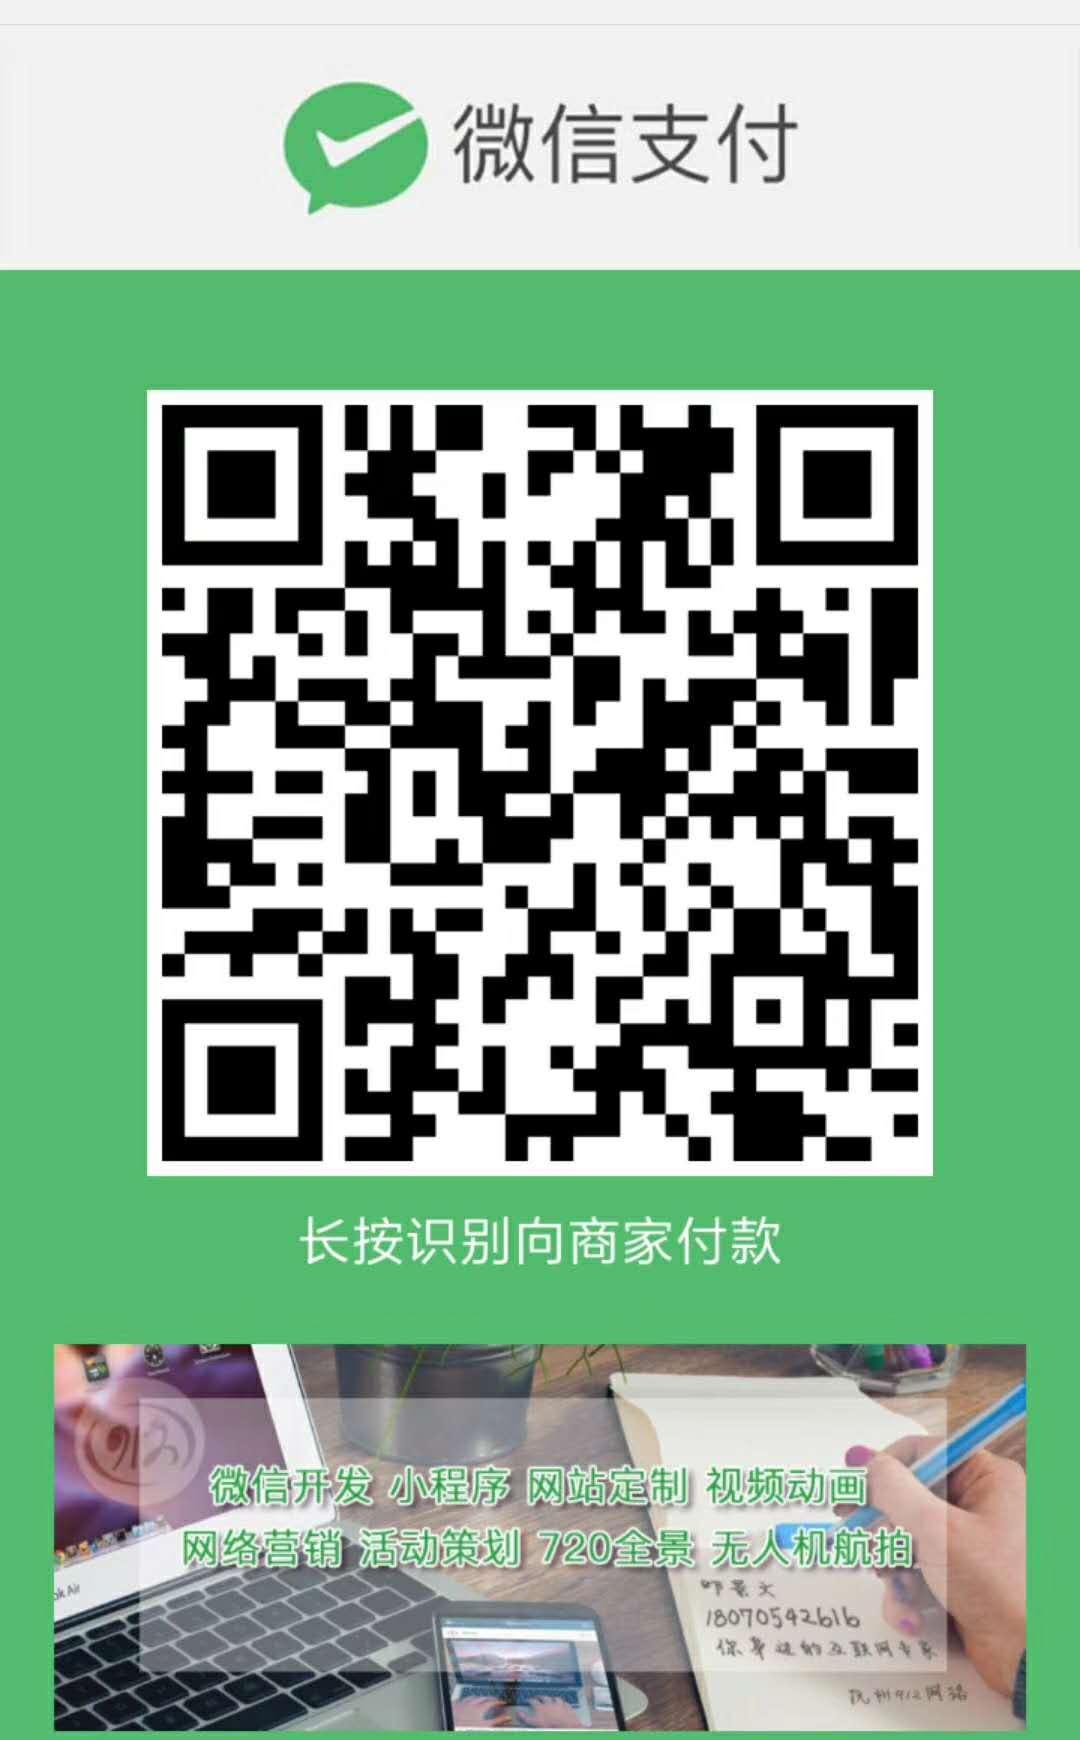 573025189355962686.jpg